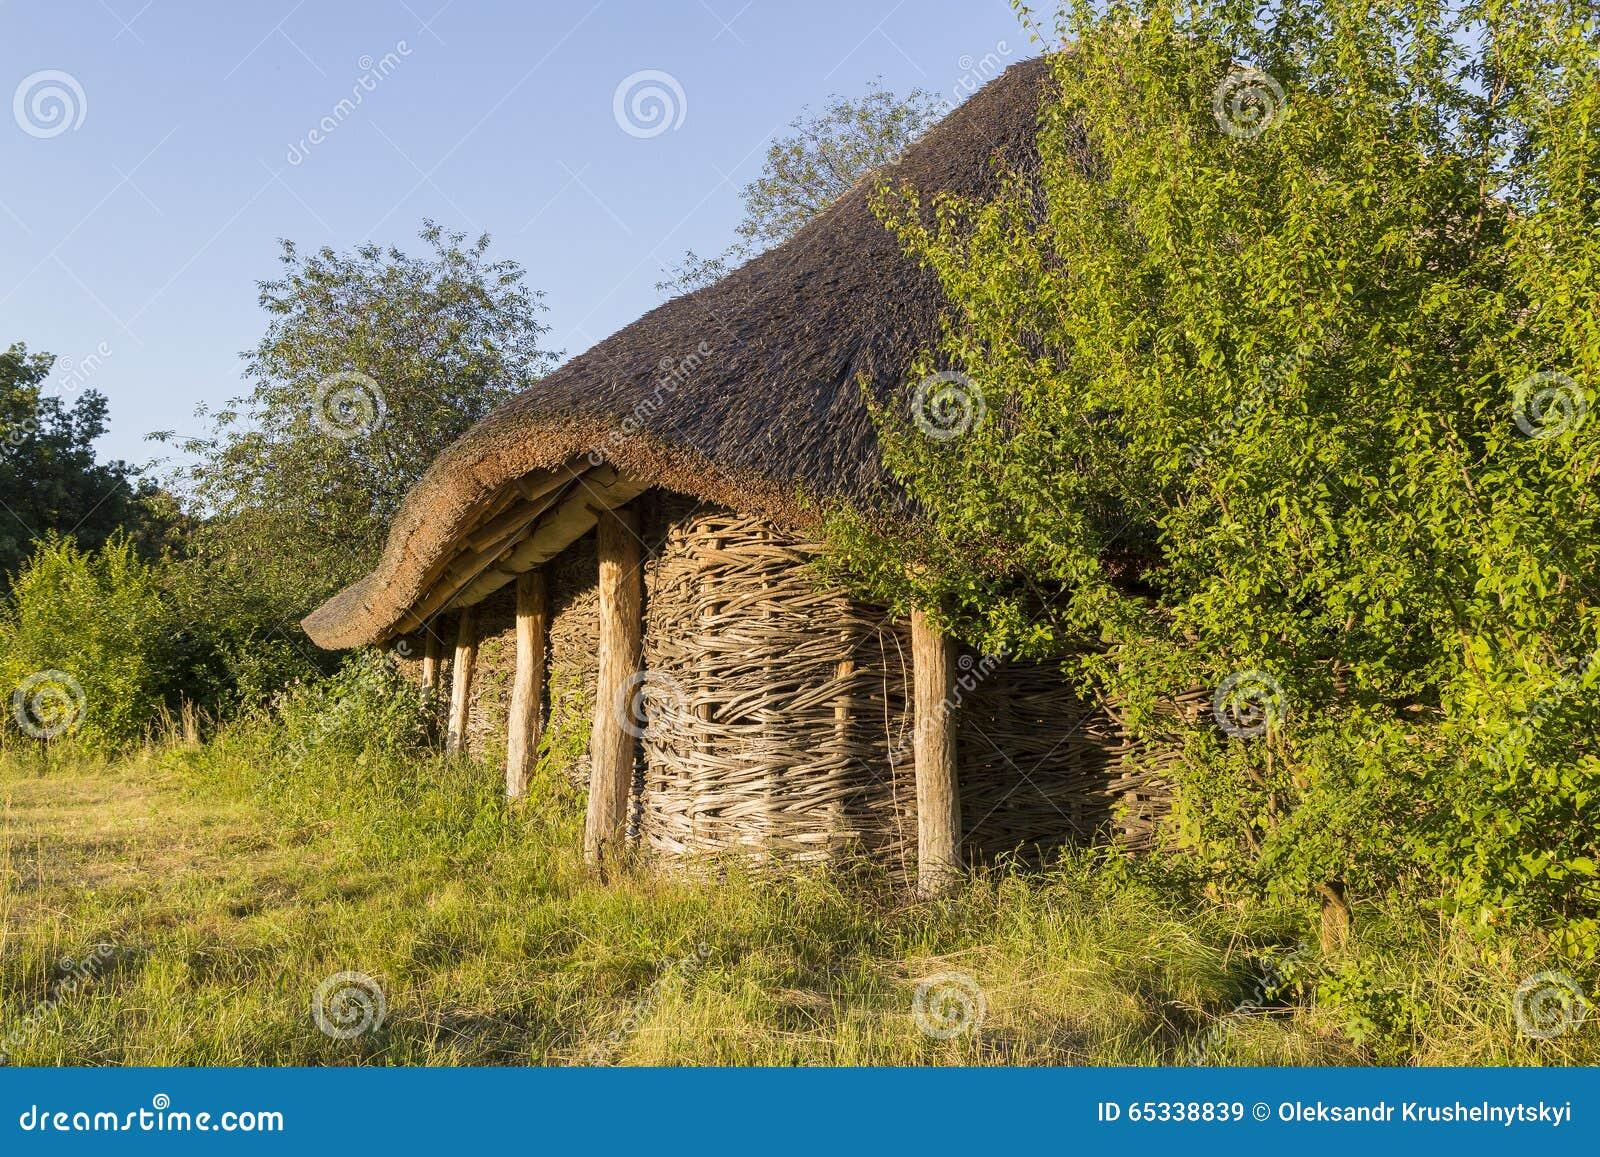 Las Casas De Madera Viejas, Cabañas De Madera Imagen de ... - photo#7